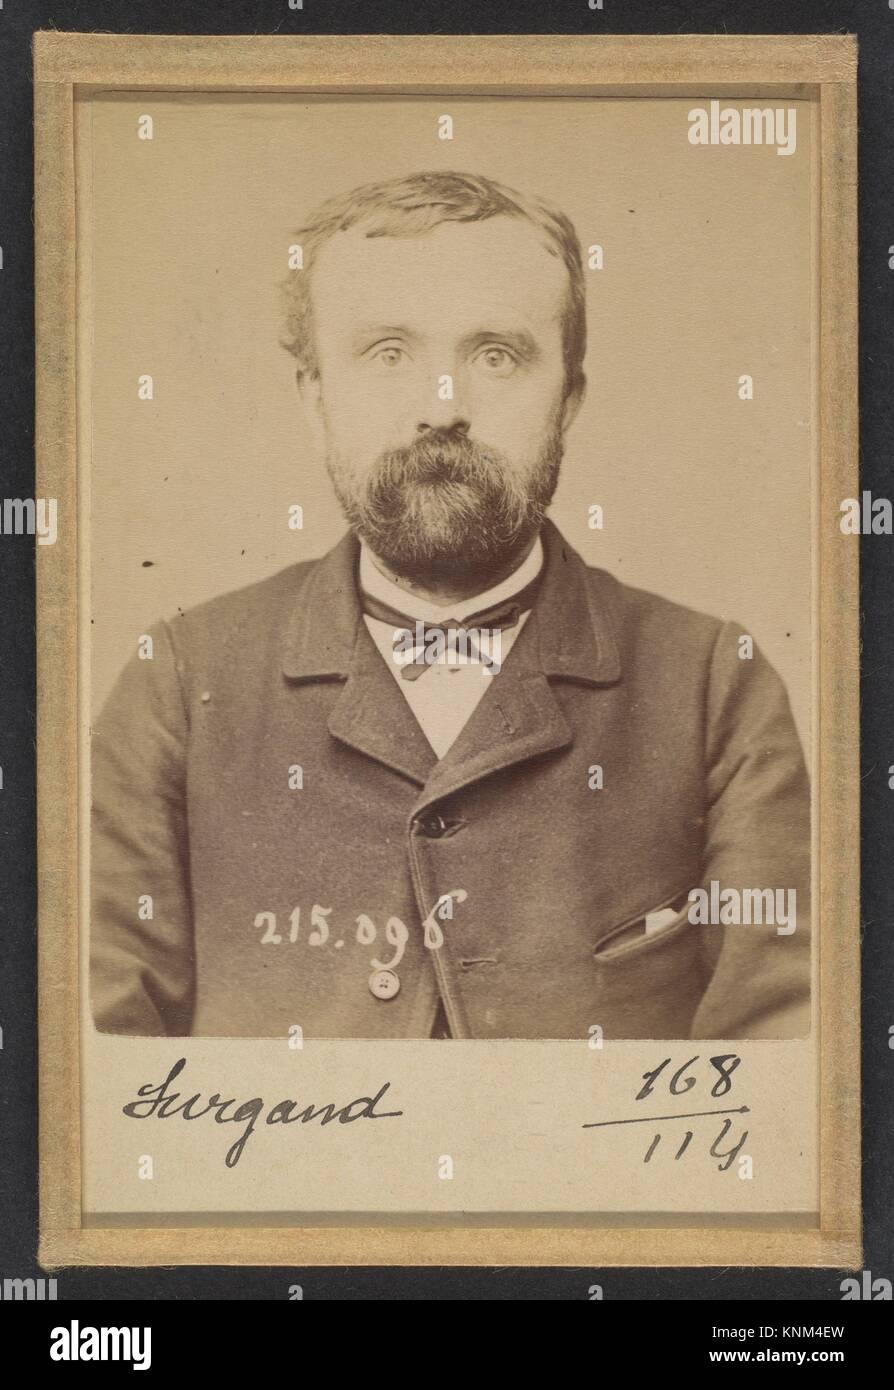 Surgand. Alphonse. 21 ans, né à Lyon. Réparateur de chaussures. Anarchiste. 4/3/94. Artist: Alphonse - Stock Image